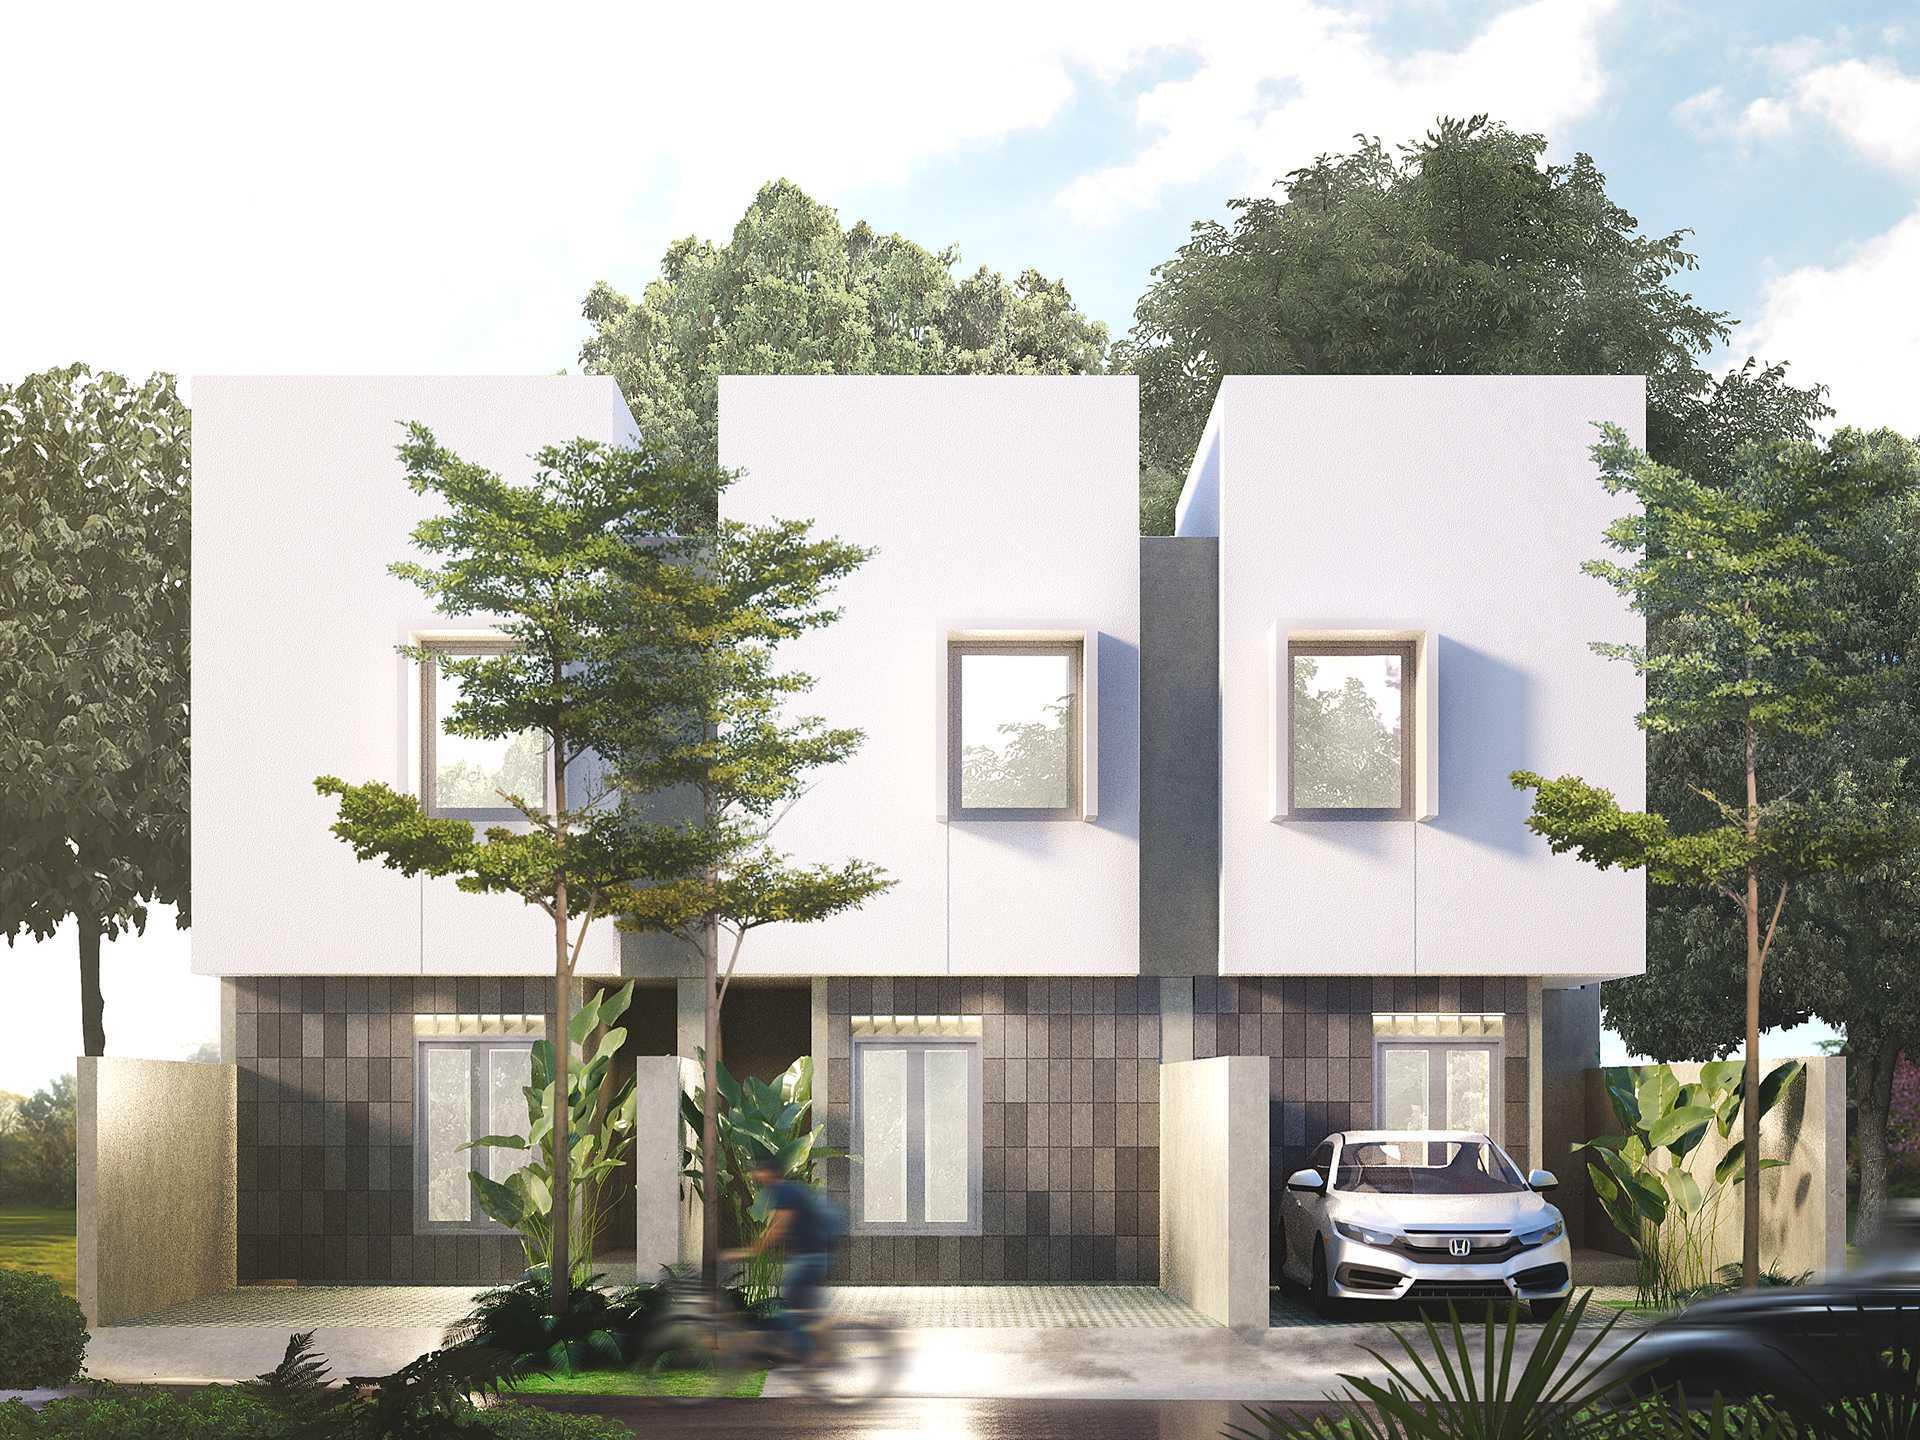 Saa Studio Rumah Millenial Bekasi, Tambelang, Bekasi, Jawa Barat, Indonesia Bekasi, Kota Bks, Jawa Barat, Indonesia Saa-Studio-Rumah-Millenial  96229